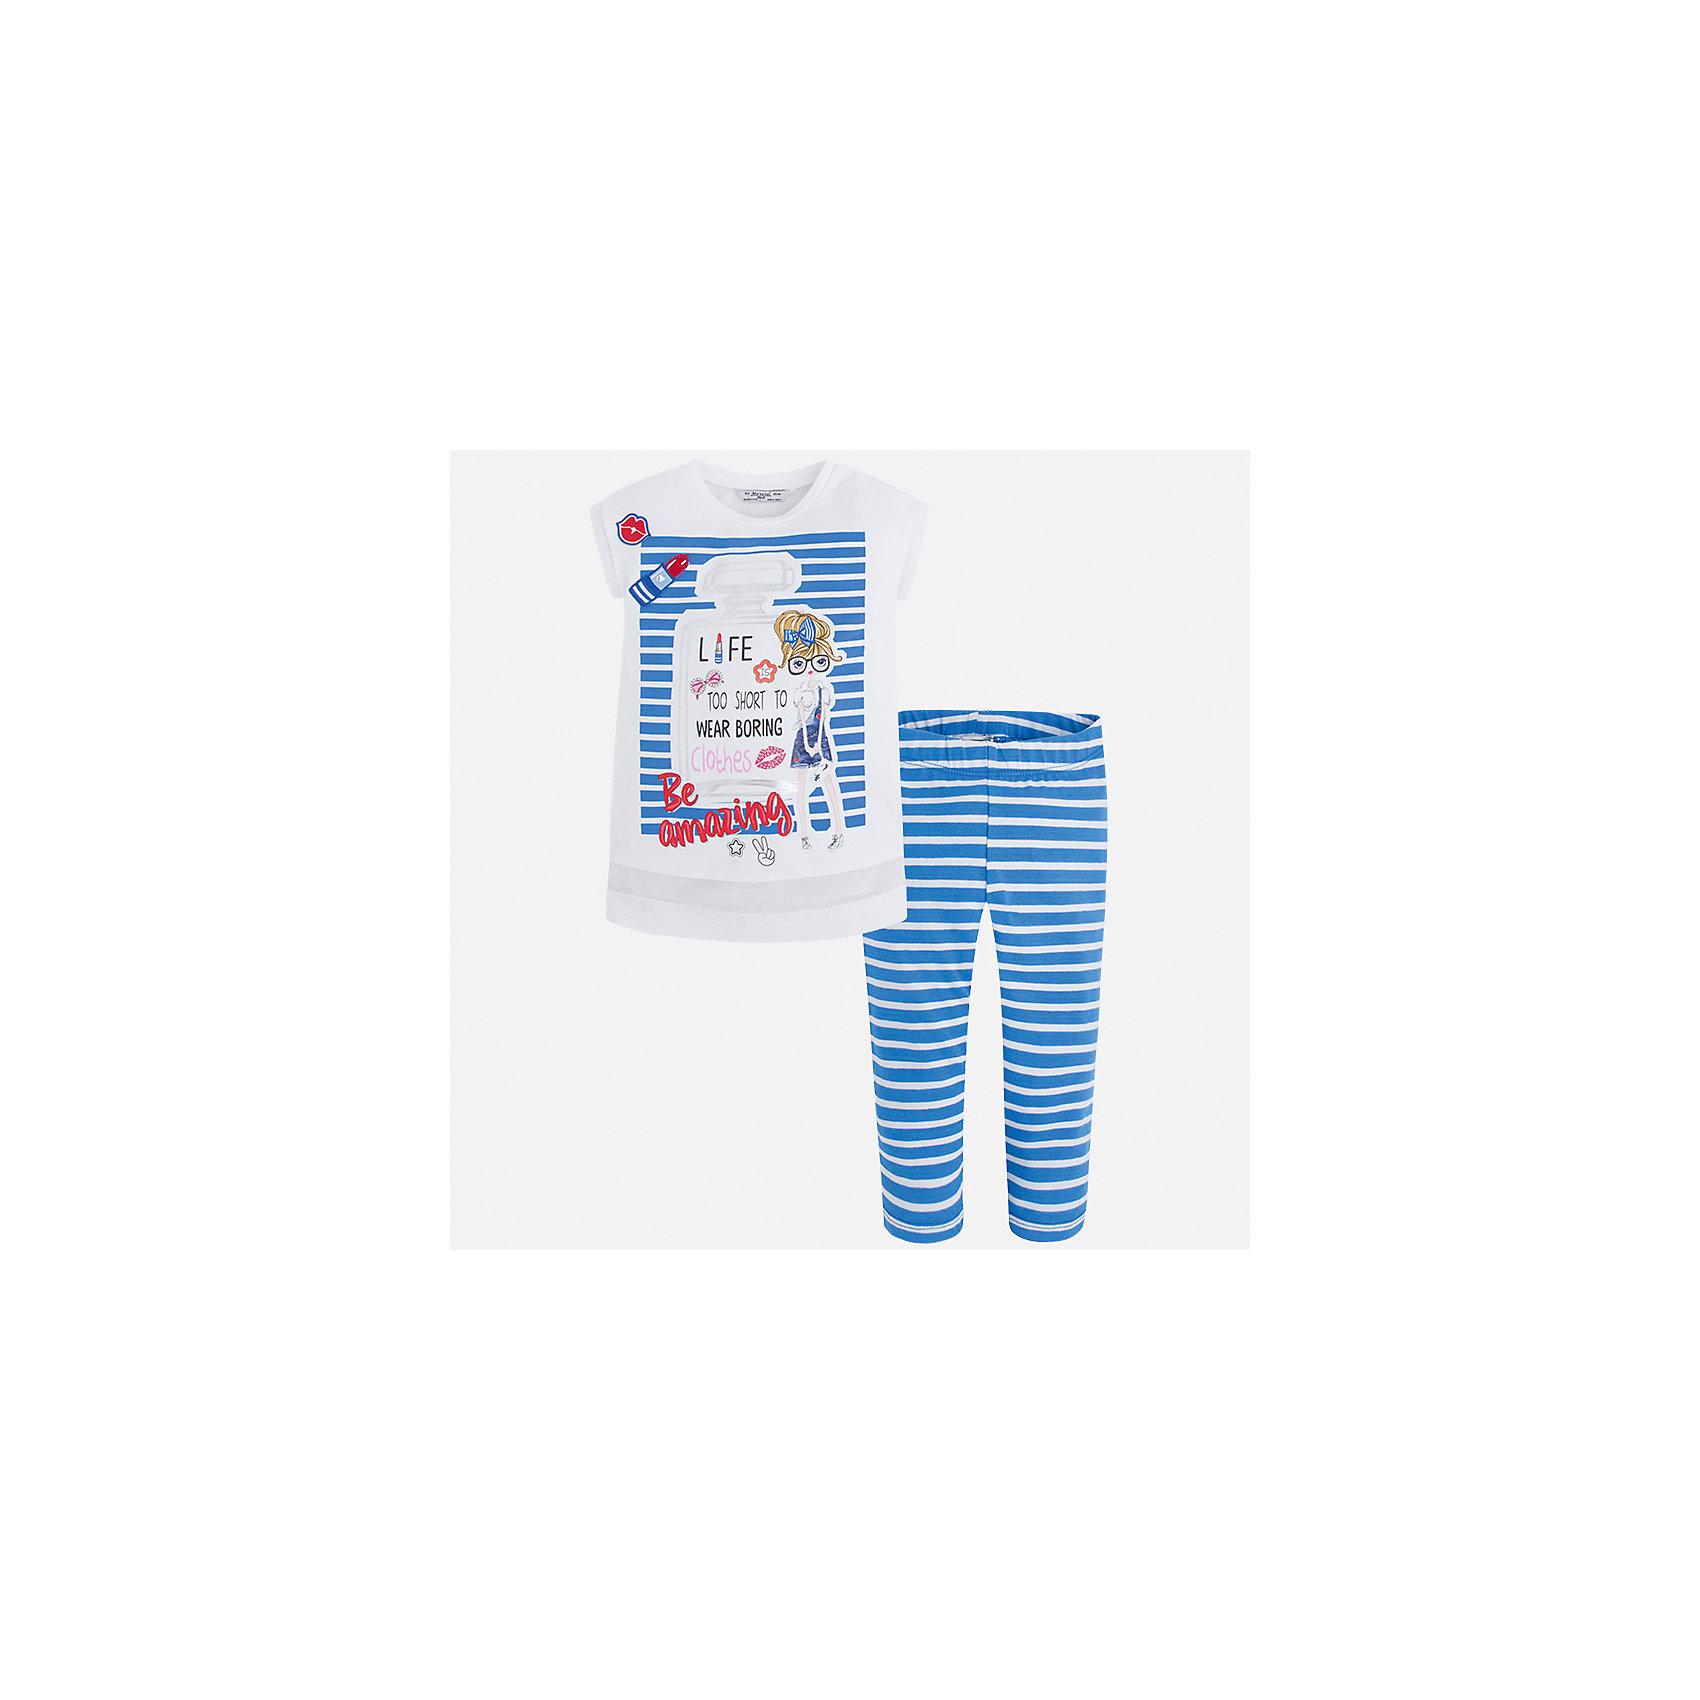 Комплект: футболка с длинным рукавом и леггинсы для девочки MayoralКомплекты<br>Характеристики товара:<br><br>• цвет: голубой/белый<br>• состав: 95% хлопок, 5% эластан<br>• комплектация: футболка, леггинсы<br>• футболка декорирована принтом <br>• леггинсы в полоску<br>• пояс на резинке<br>• страна бренда: Испания<br><br>Красивый качественный комплект для девочки поможет разнообразить гардероб ребенка и удобно одеться в теплую погоду. Он отлично сочетается с другими предметами. Универсальный цвет позволяет подобрать к вещам верхнюю одежду практически любой расцветки. Интересная отделка модели делает её нарядной и оригинальной. В составе материала - натуральный хлопок, гипоаллергенный, приятный на ощупь, дышащий.<br><br>Одежда, обувь и аксессуары от испанского бренда Mayoral полюбились детям и взрослым по всему миру. Модели этой марки - стильные и удобные. Для их производства используются только безопасные, качественные материалы и фурнитура. Порадуйте ребенка модными и красивыми вещами от Mayoral! <br><br>Комплект для девочки от испанского бренда Mayoral (Майорал) можно купить в нашем интернет-магазине.<br><br>Ширина мм: 123<br>Глубина мм: 10<br>Высота мм: 149<br>Вес г: 209<br>Цвет: синий<br>Возраст от месяцев: 84<br>Возраст до месяцев: 96<br>Пол: Женский<br>Возраст: Детский<br>Размер: 128,134,92,98,104,110,116,122<br>SKU: 5300533